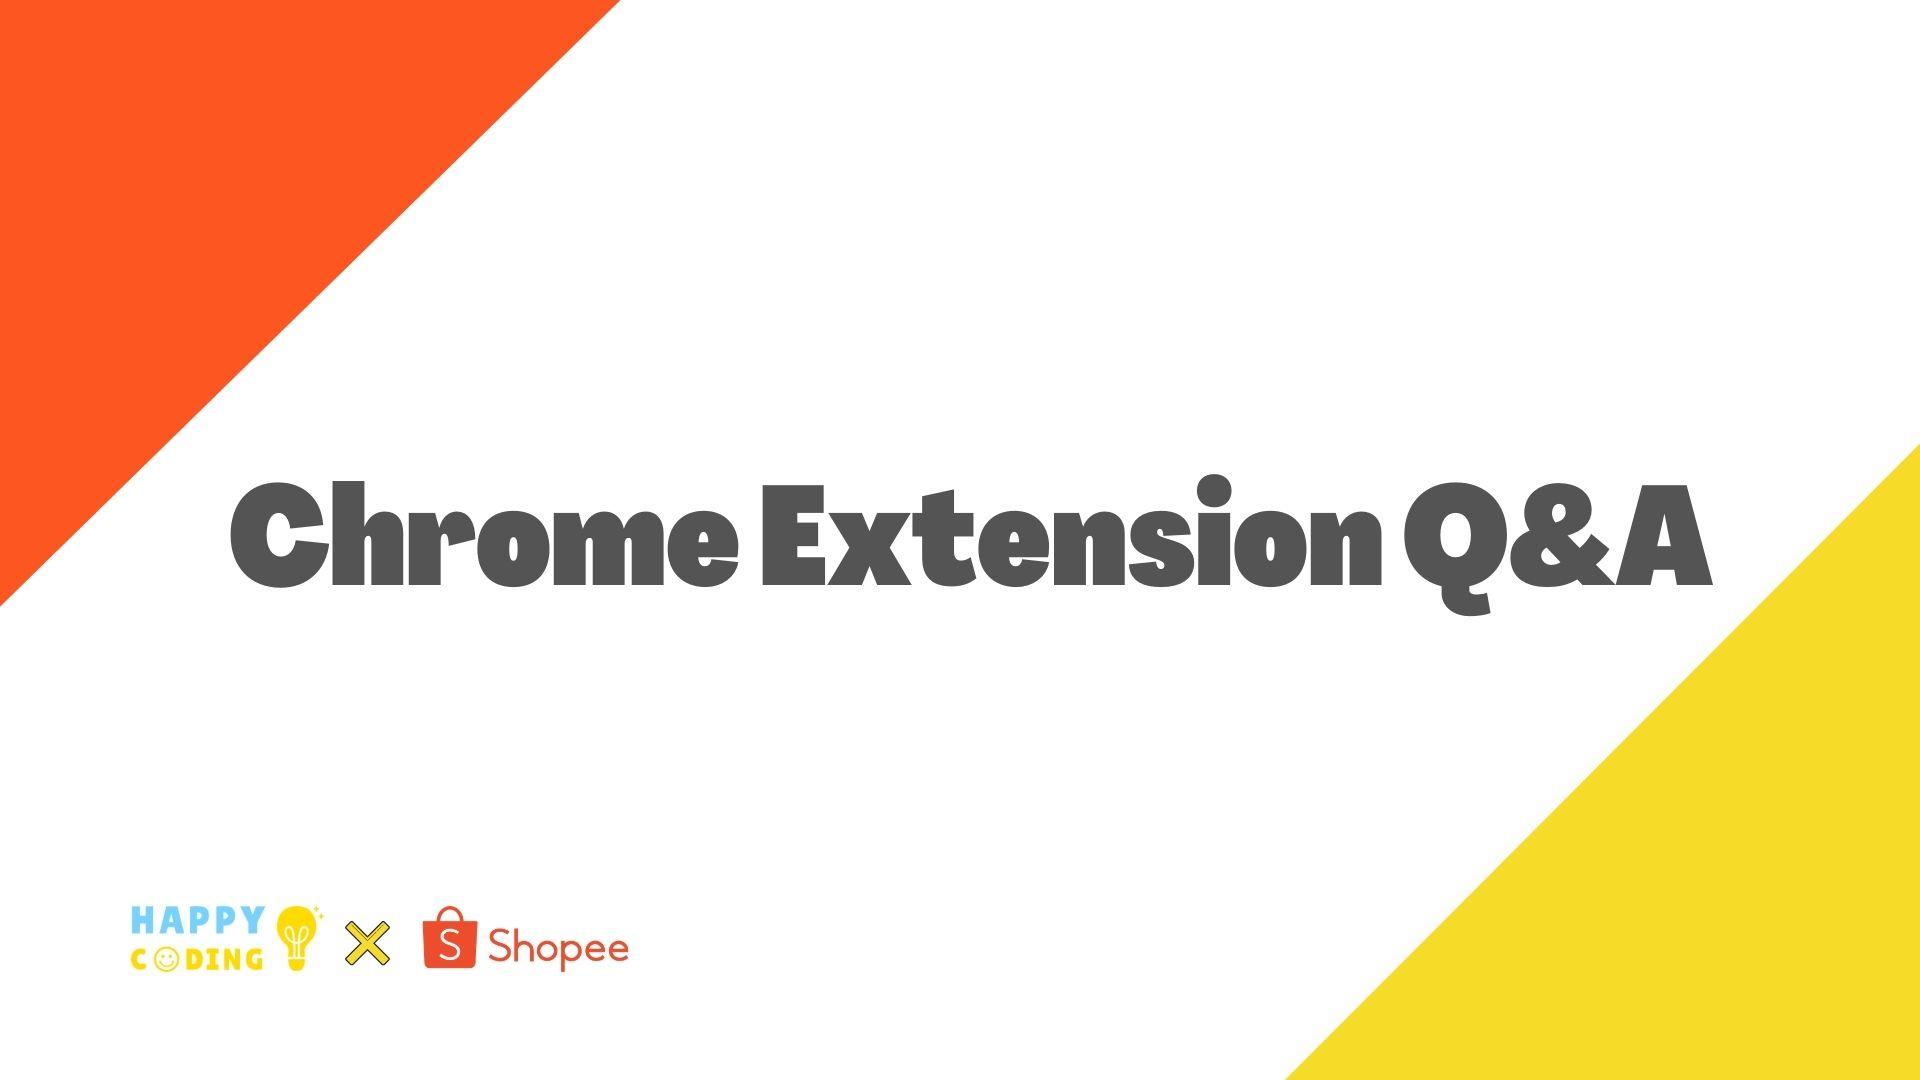 蝦皮直播回顧 Chrome Extension Q&A